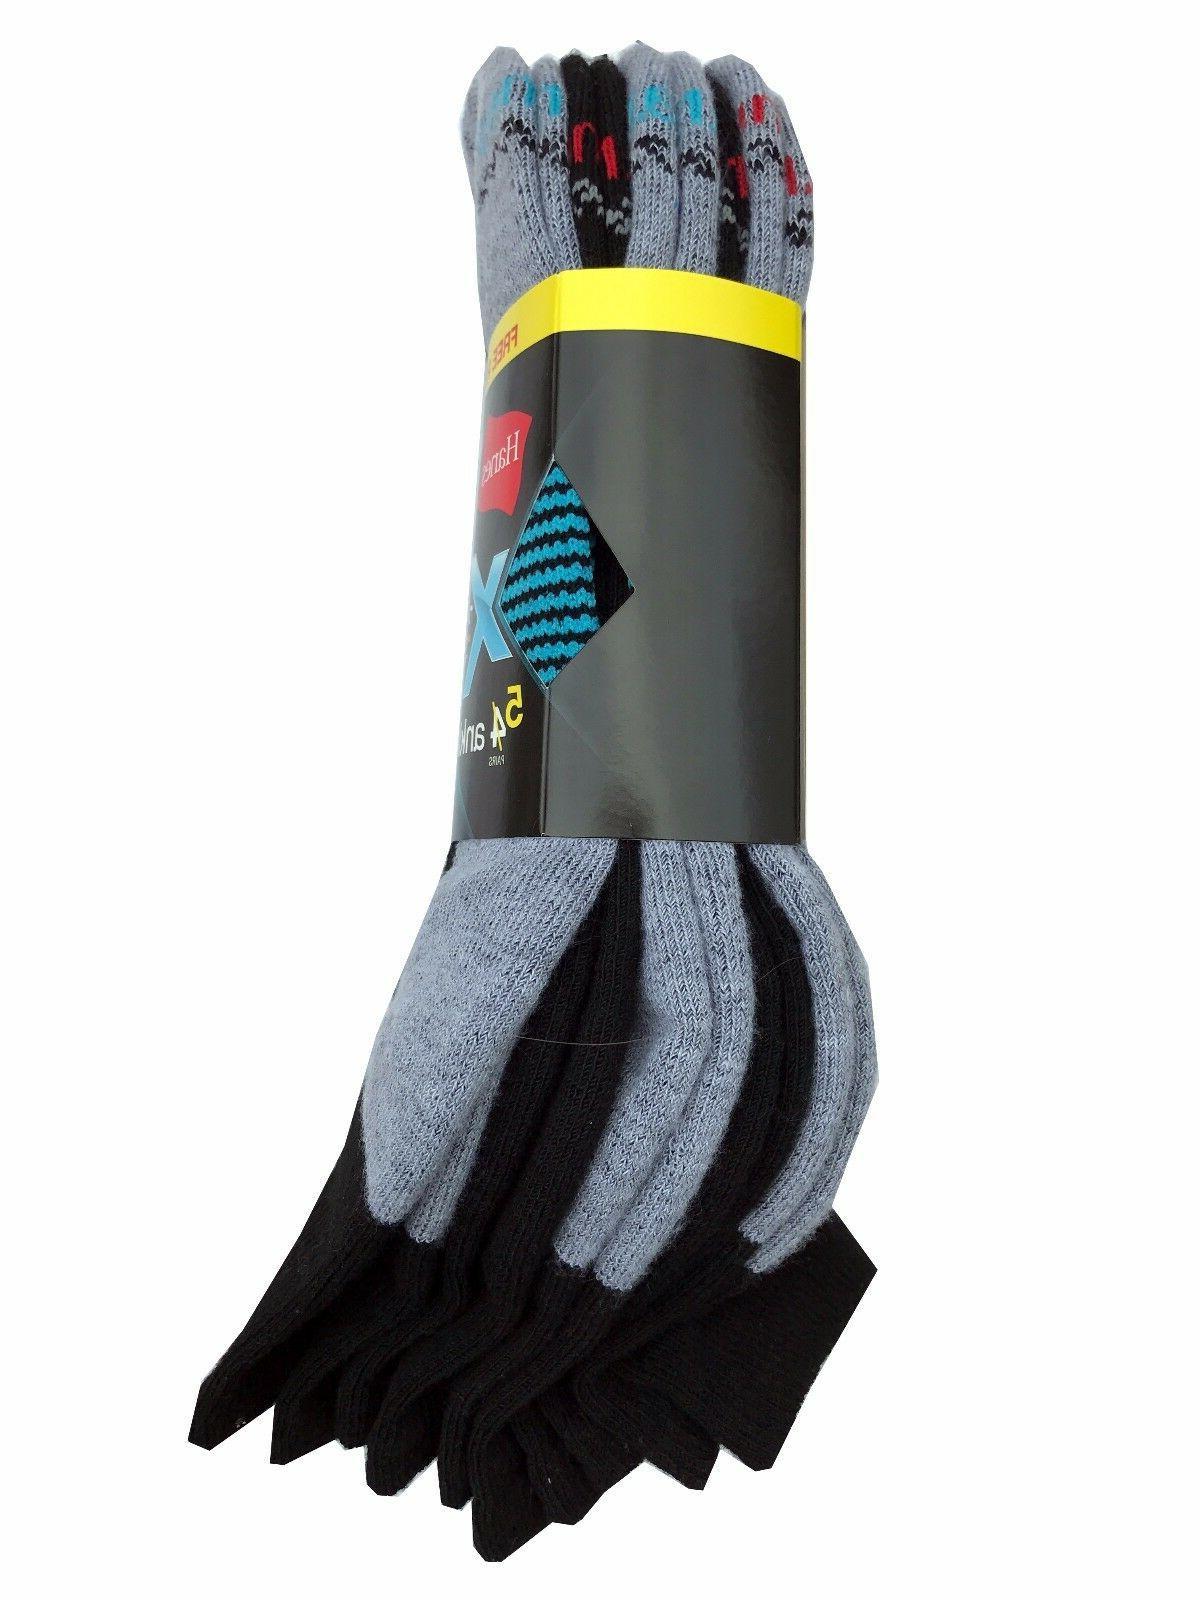 Hanes Men's X-TEMP Ankle Socks 5-Pack & NEW!!